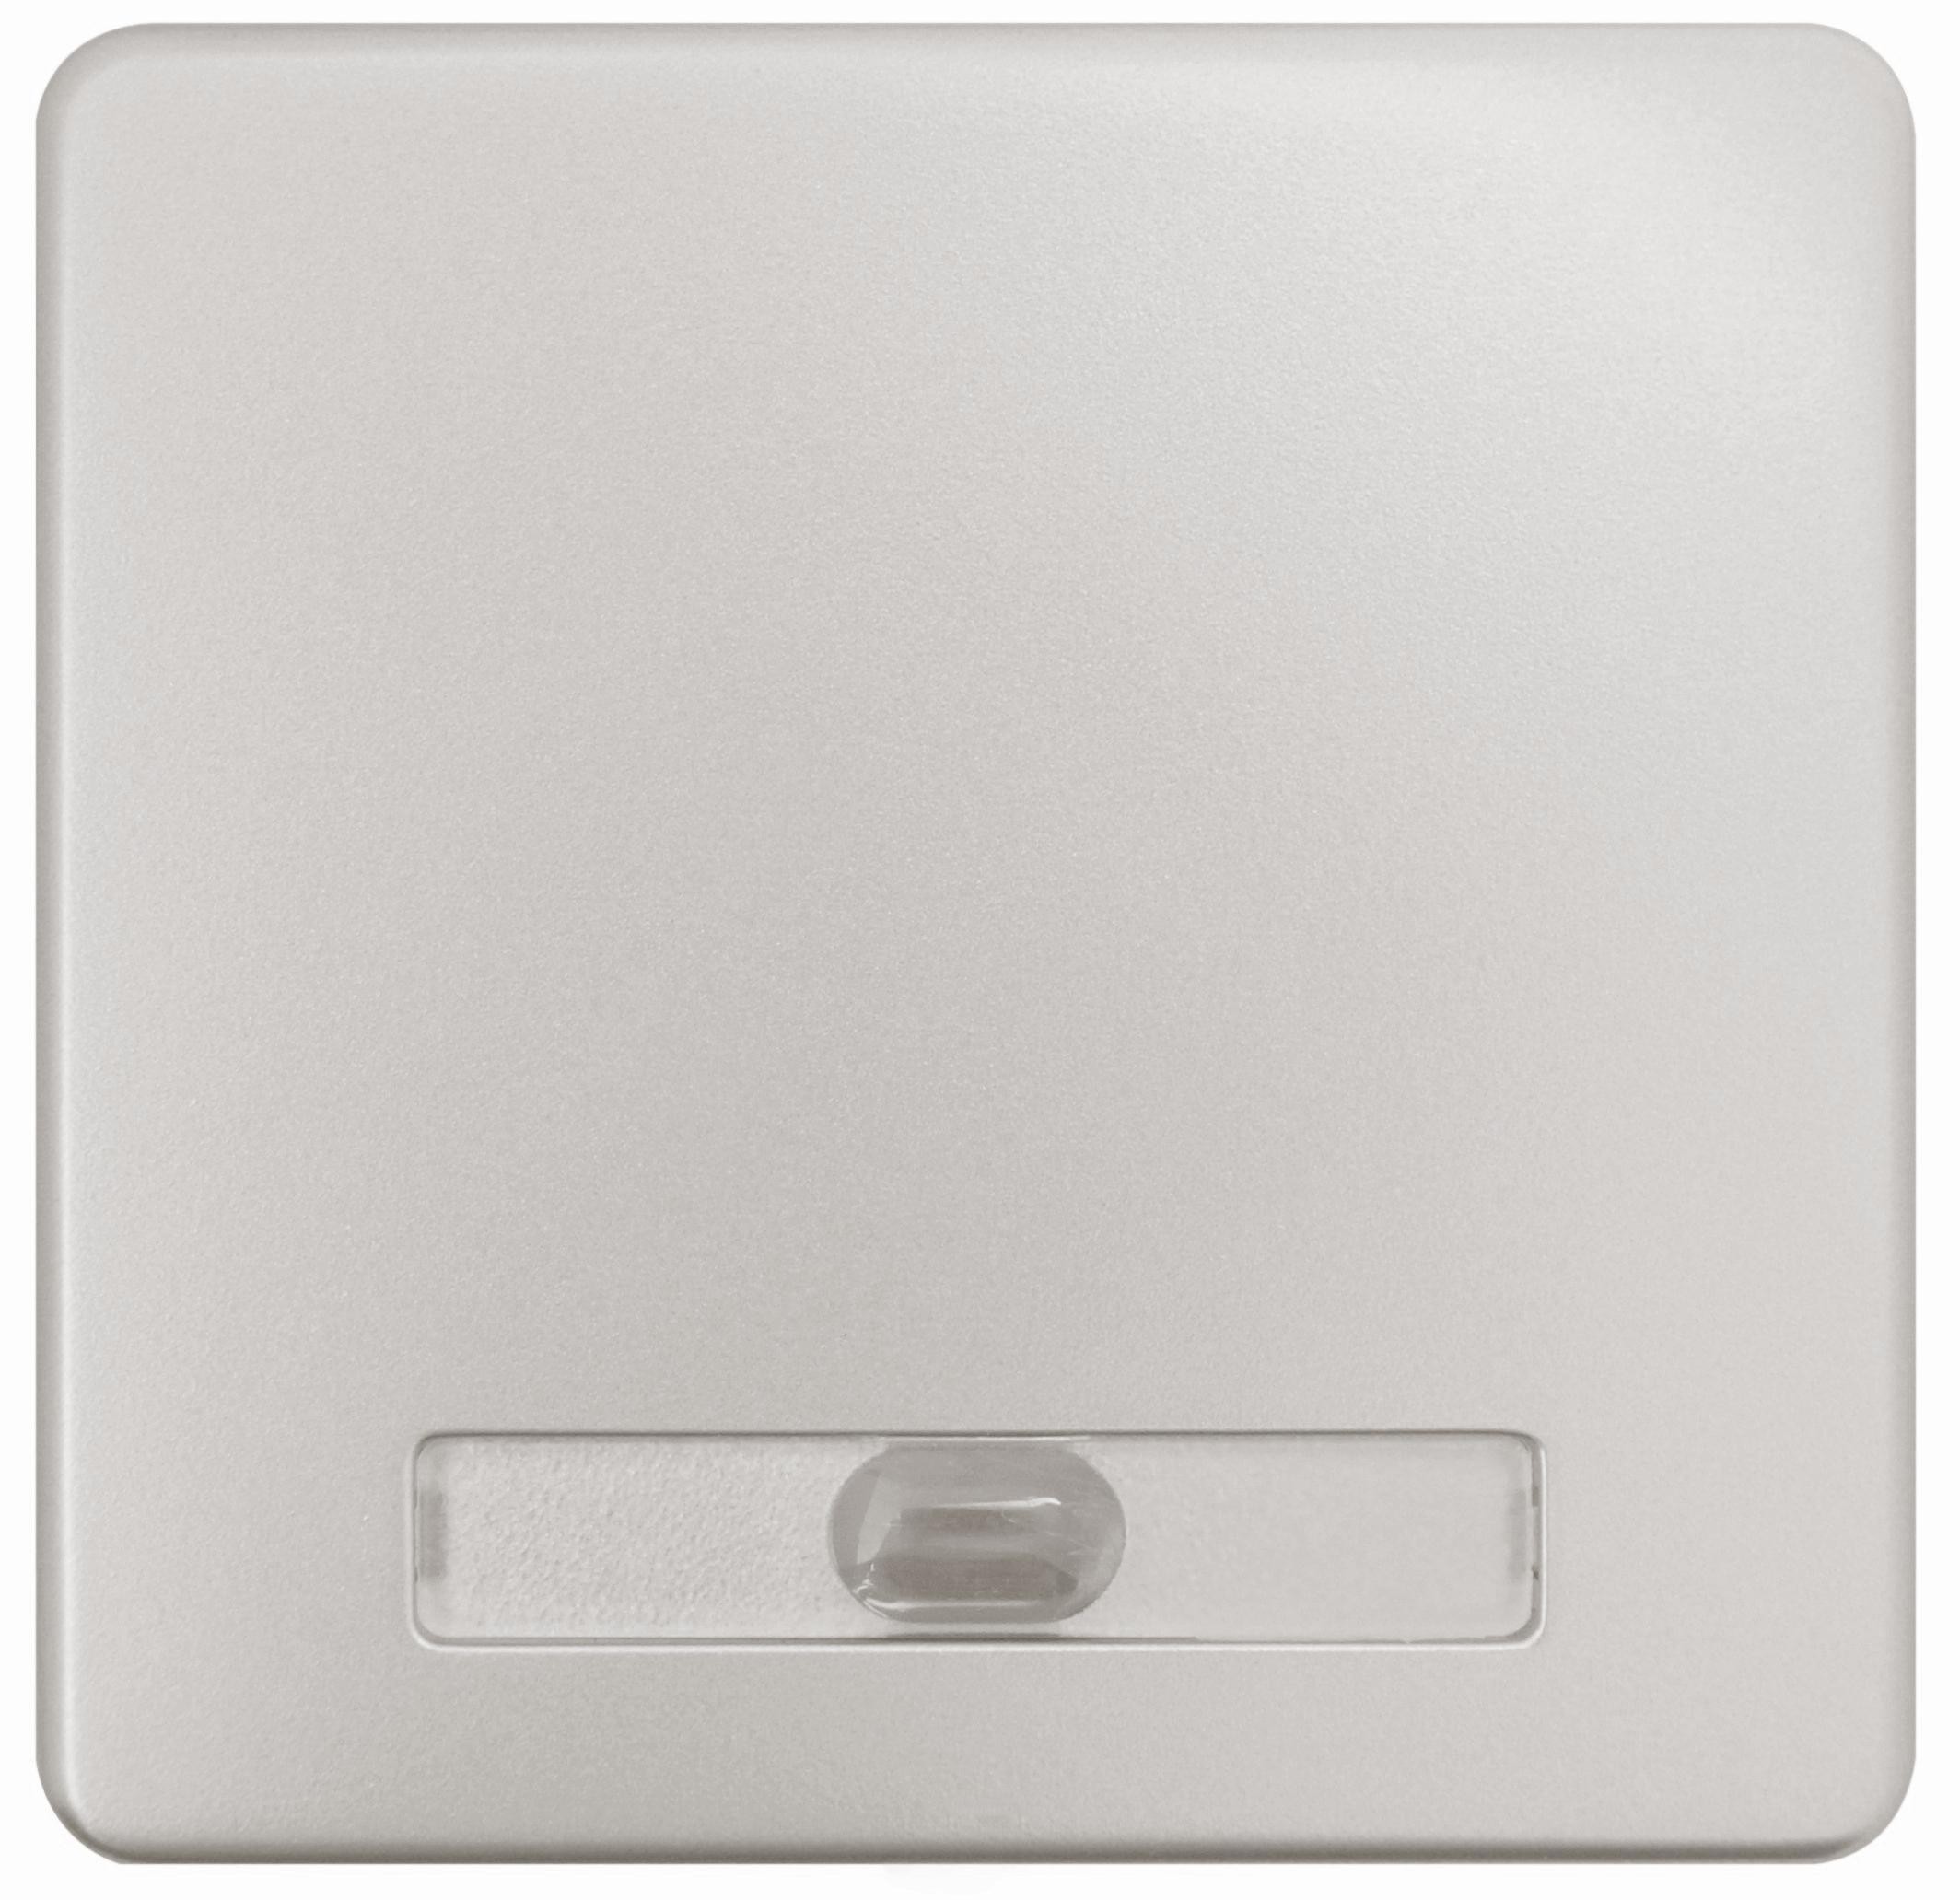 1 Stk Wippe beleuchtet für Schalter und Taster, Edelstahleffekt EL2136111-